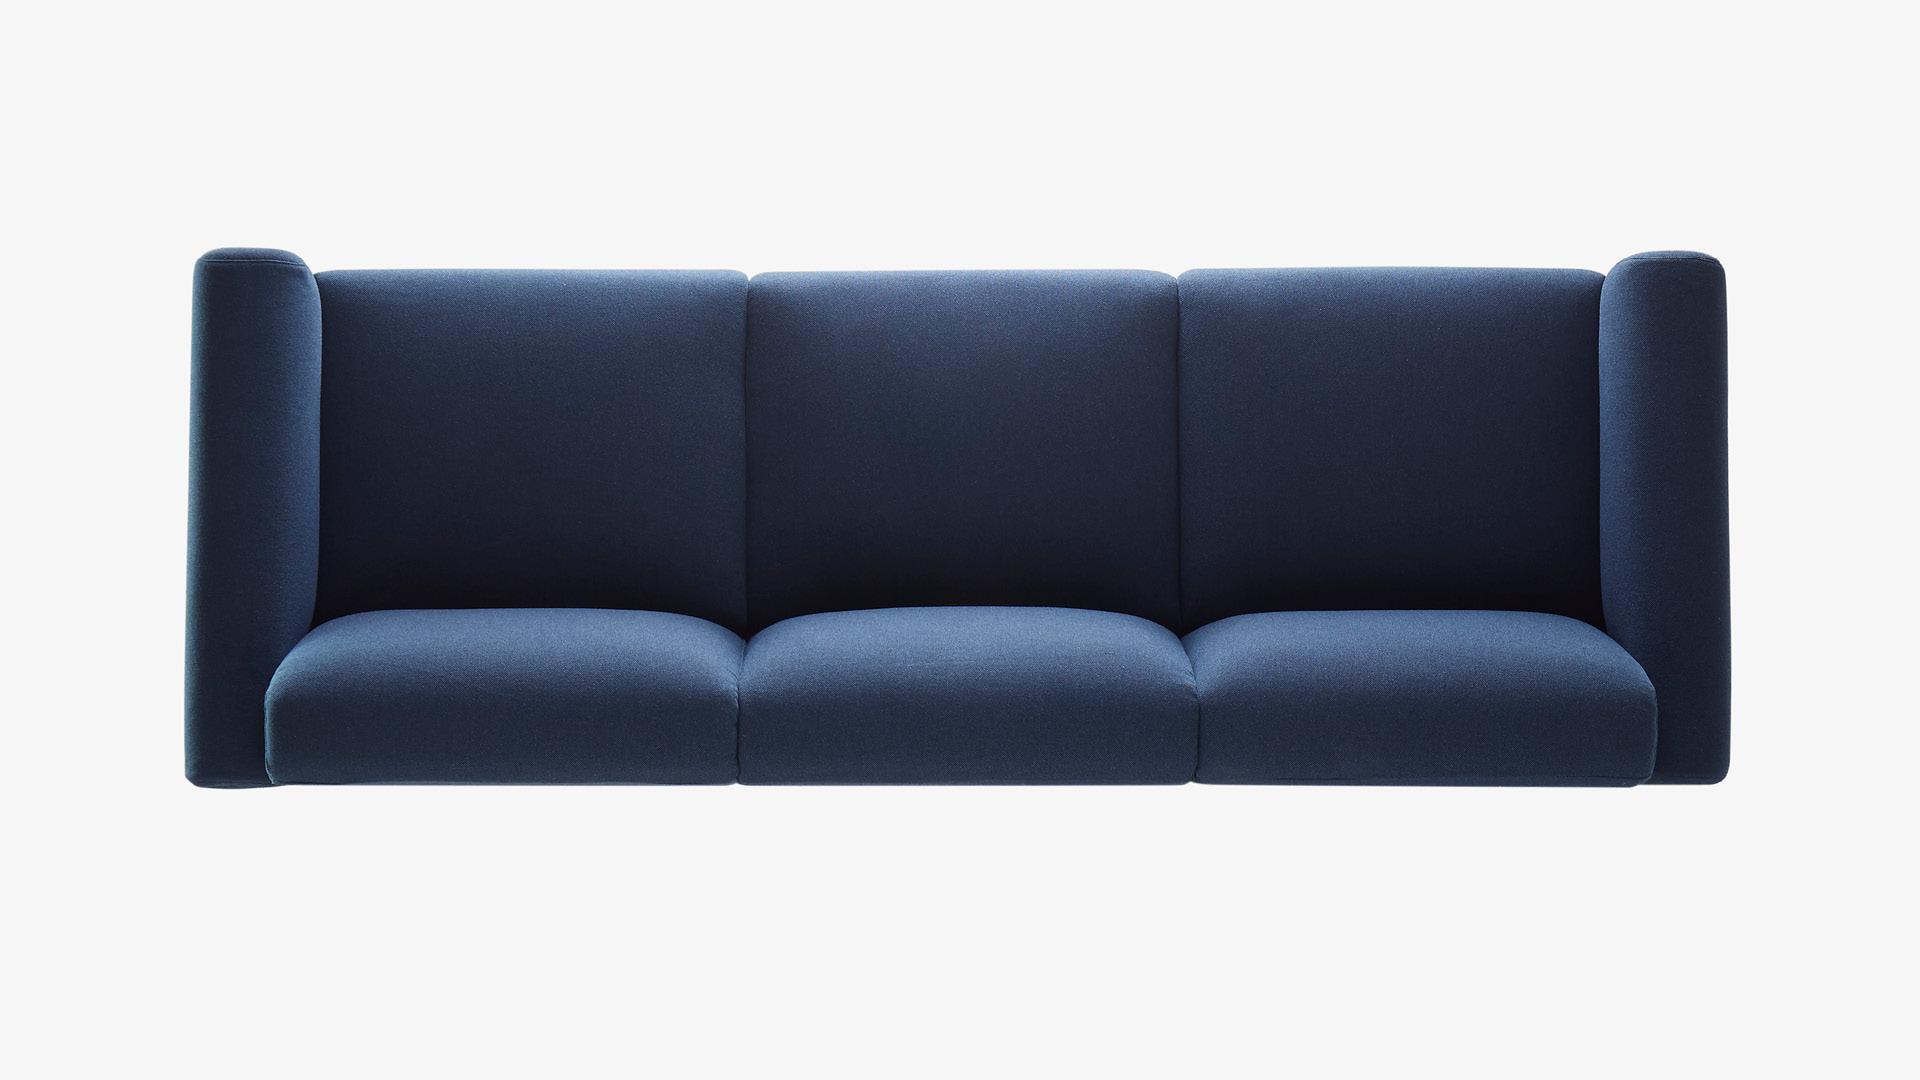 造作沙发最大净坐宽,落座更松弛